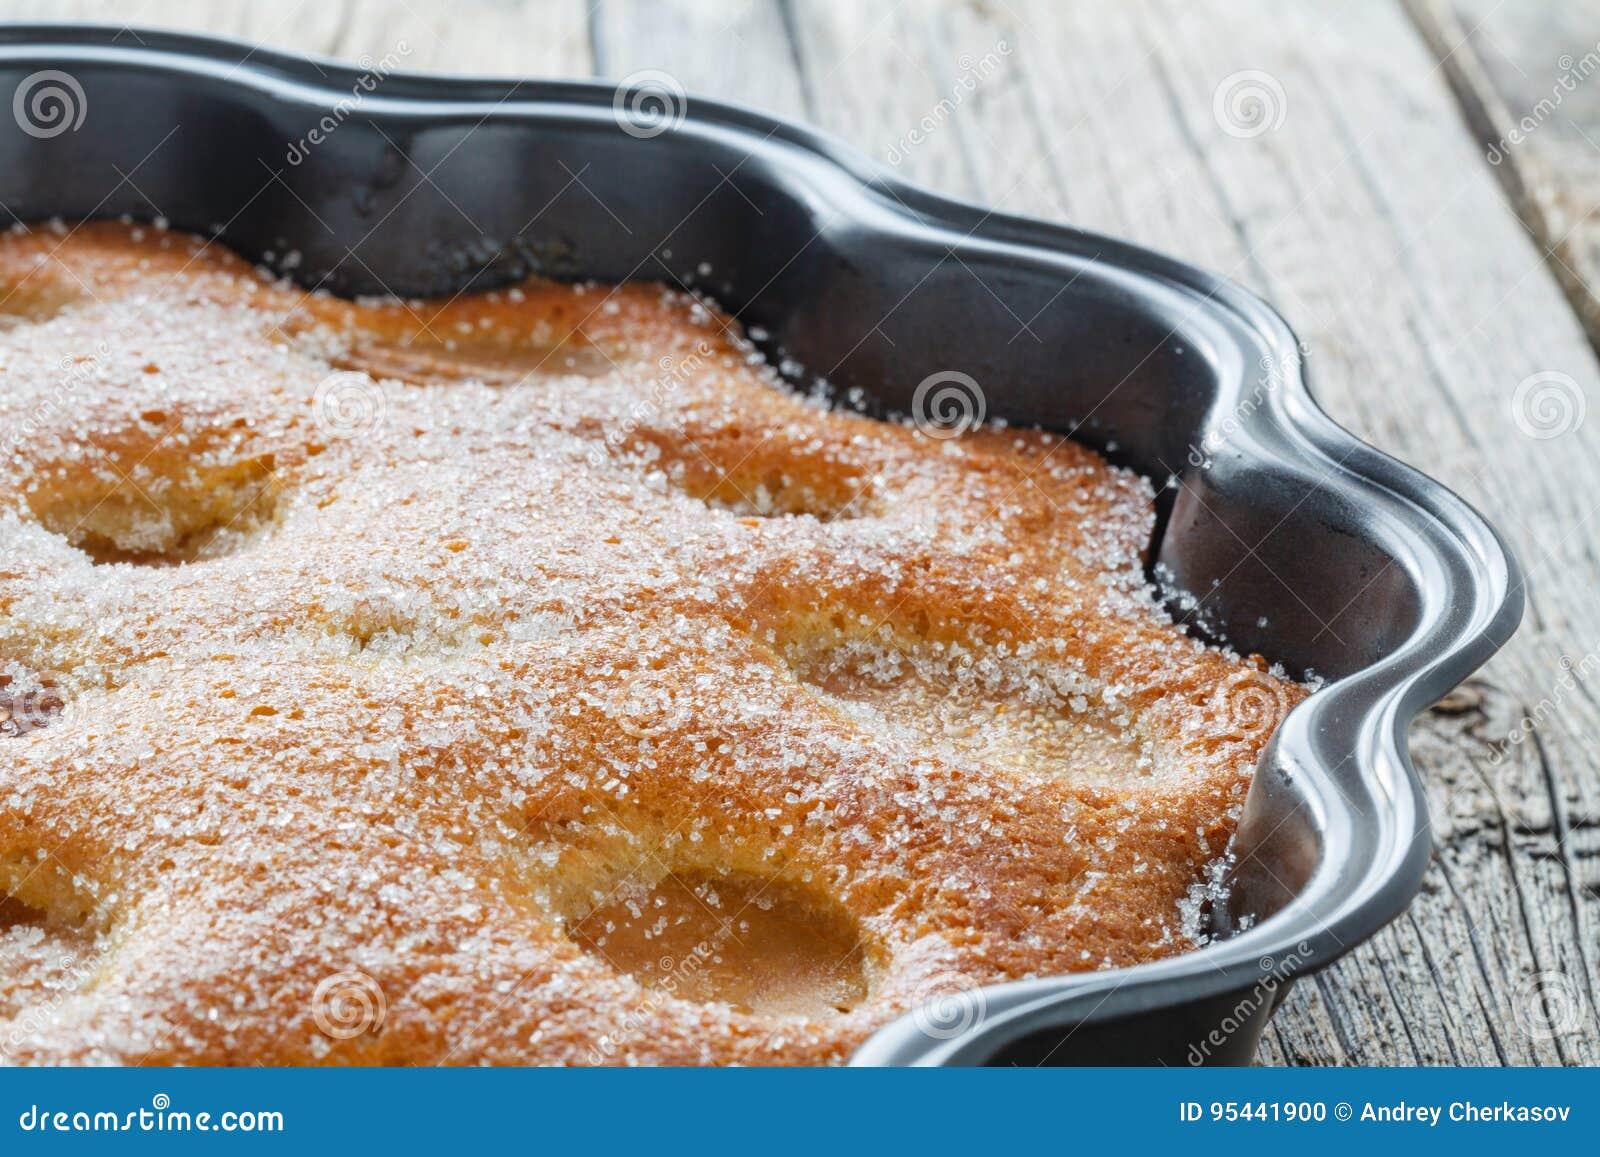 Torte mit Aprikosen